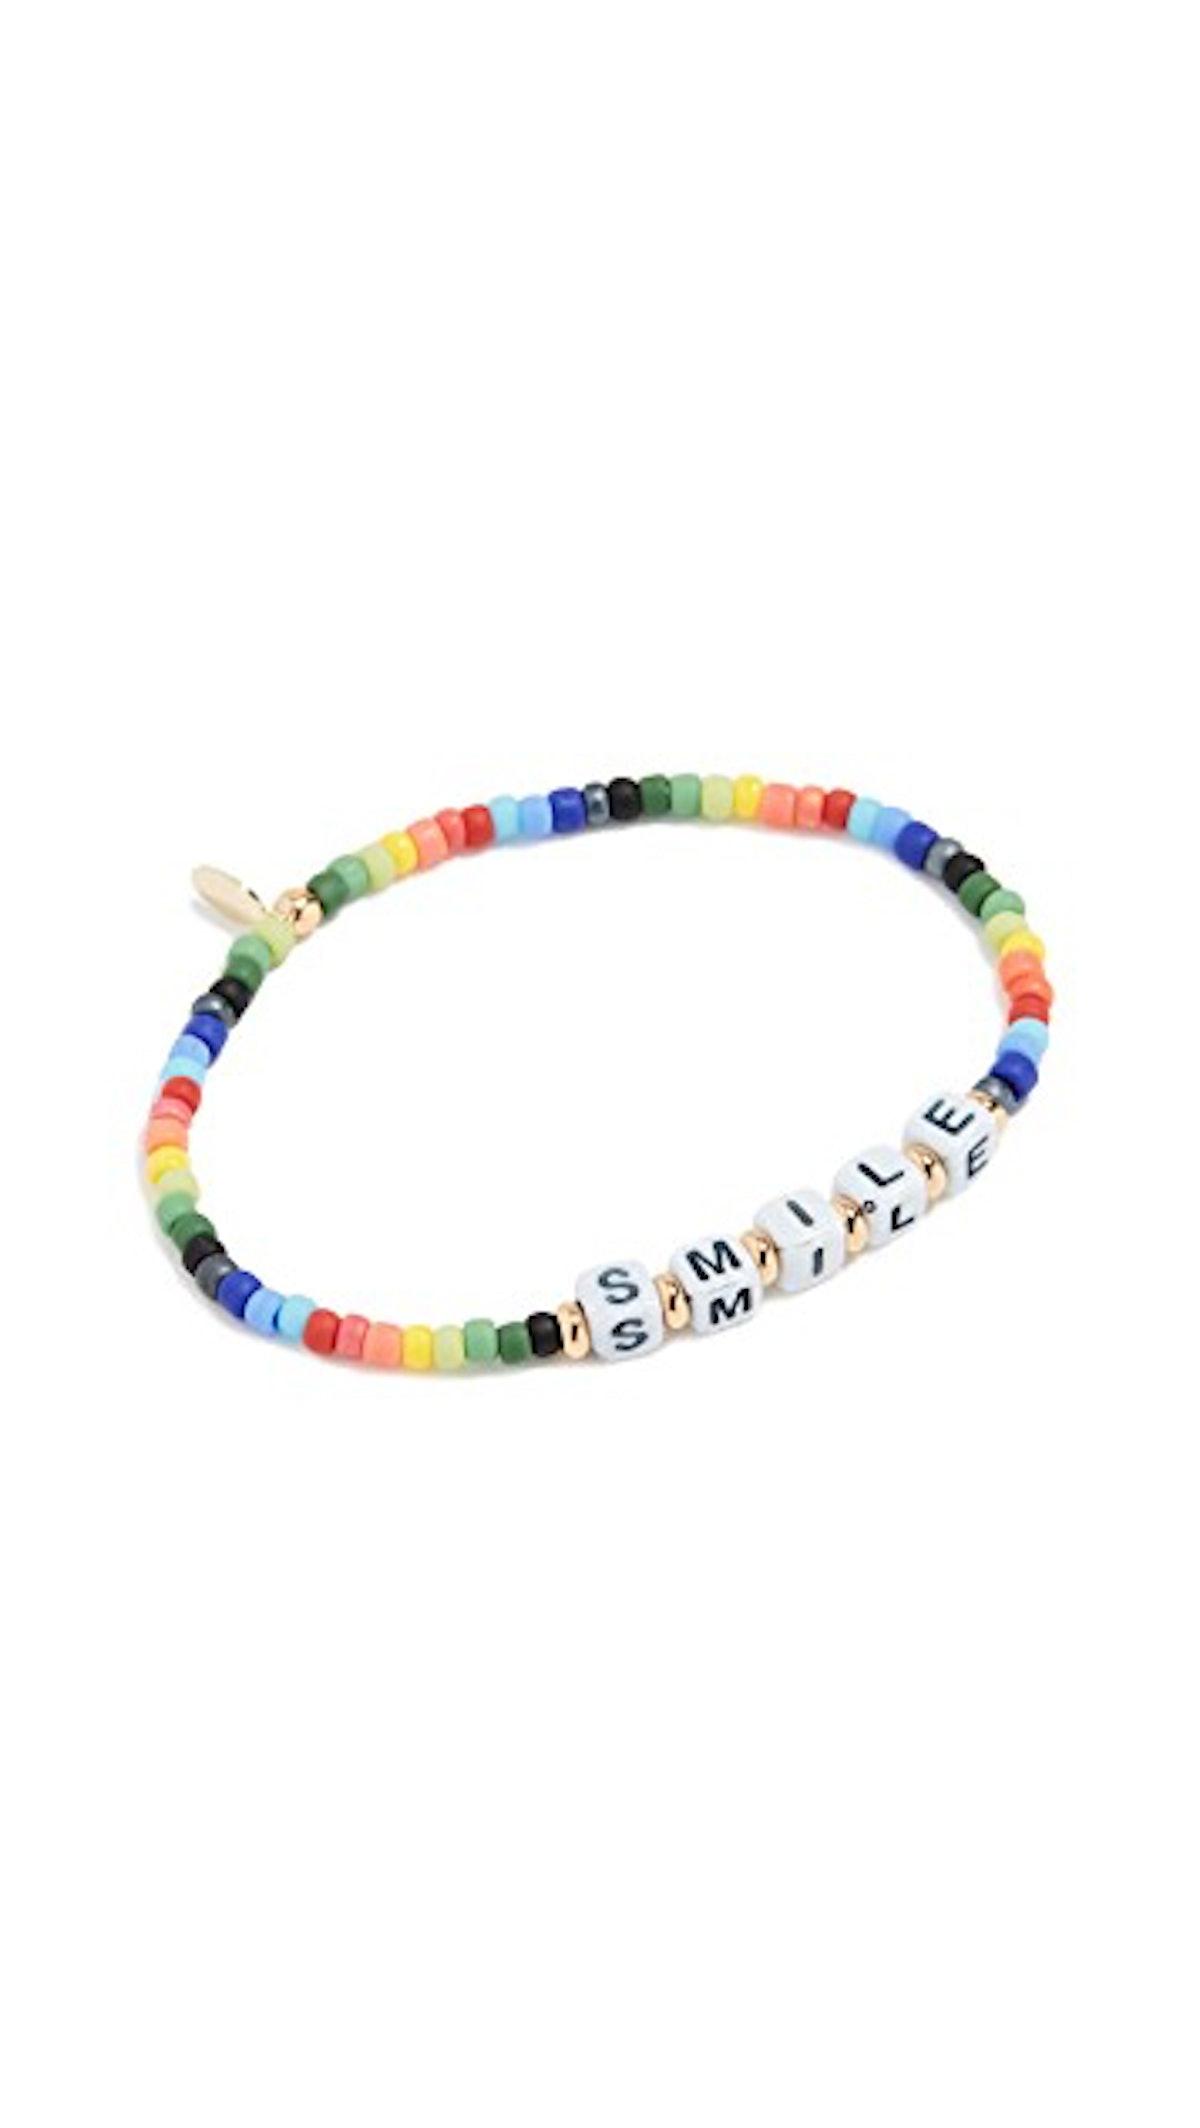 Shashi Smile Bracelet Rainbow